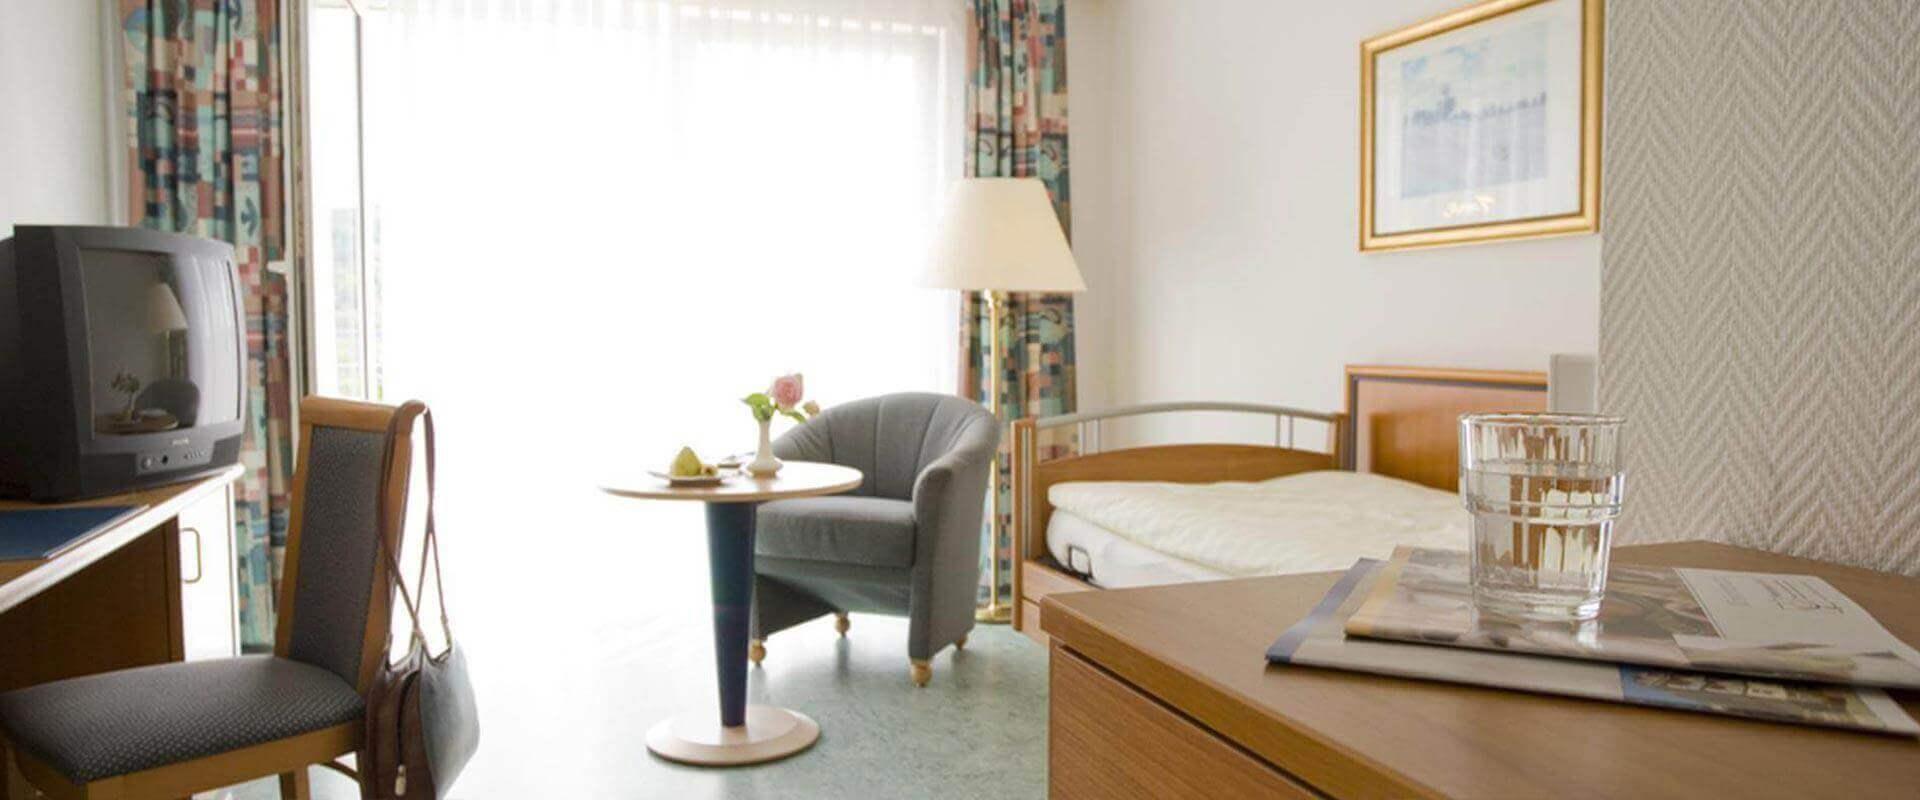 Zimmer in der MEDIAN Frankenpark Klinik Bad Kissingen